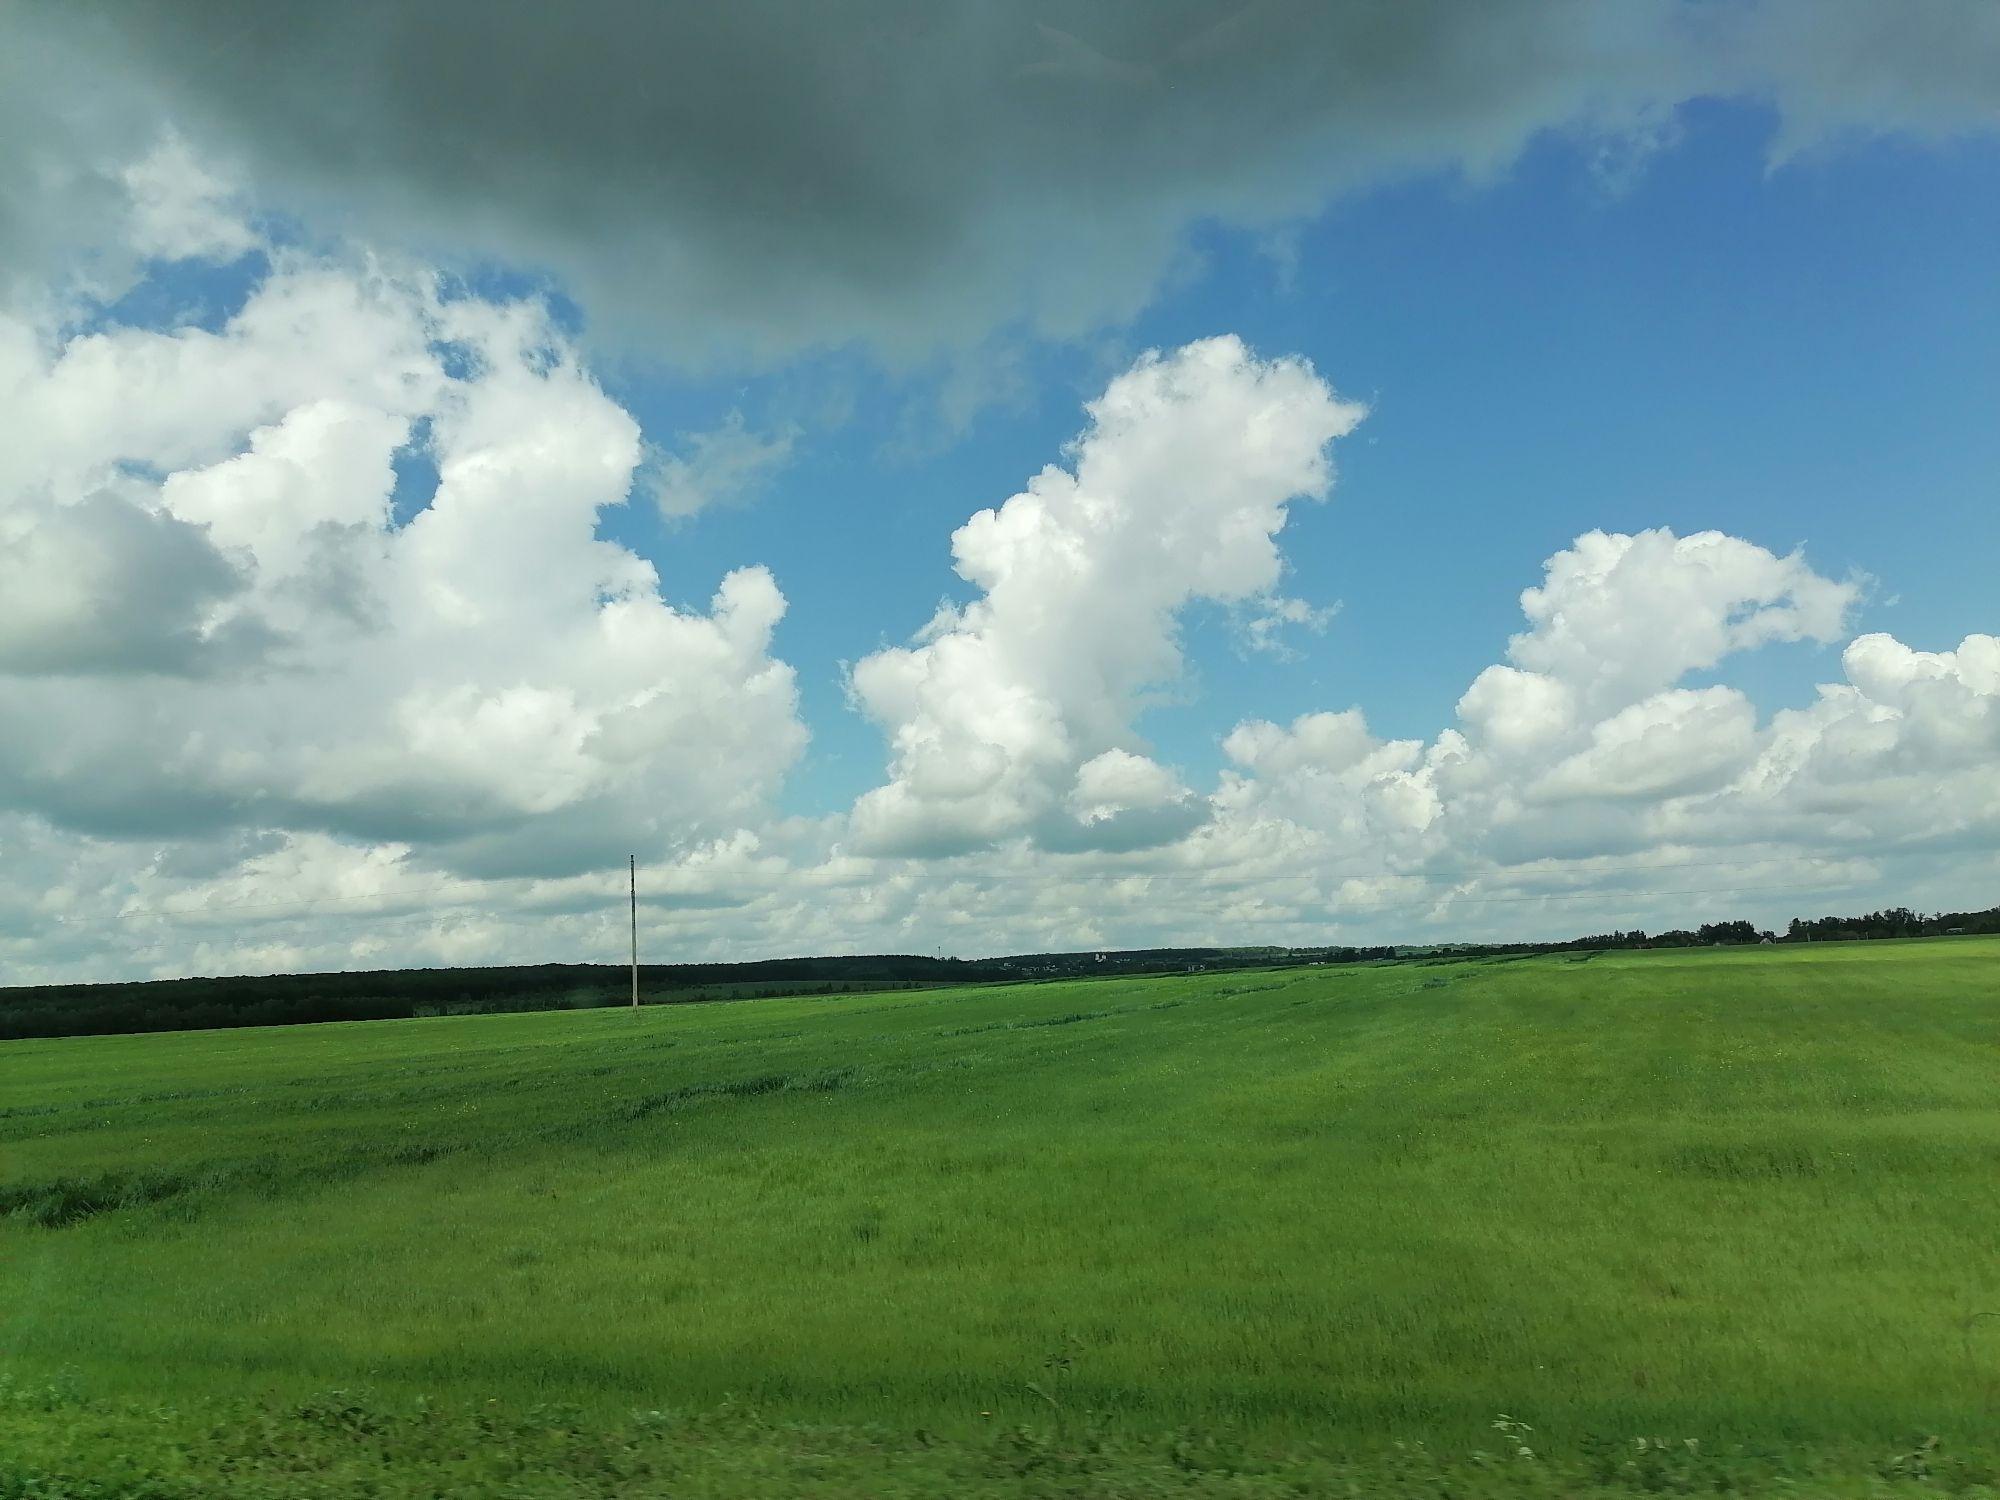 Серые облака висят низко